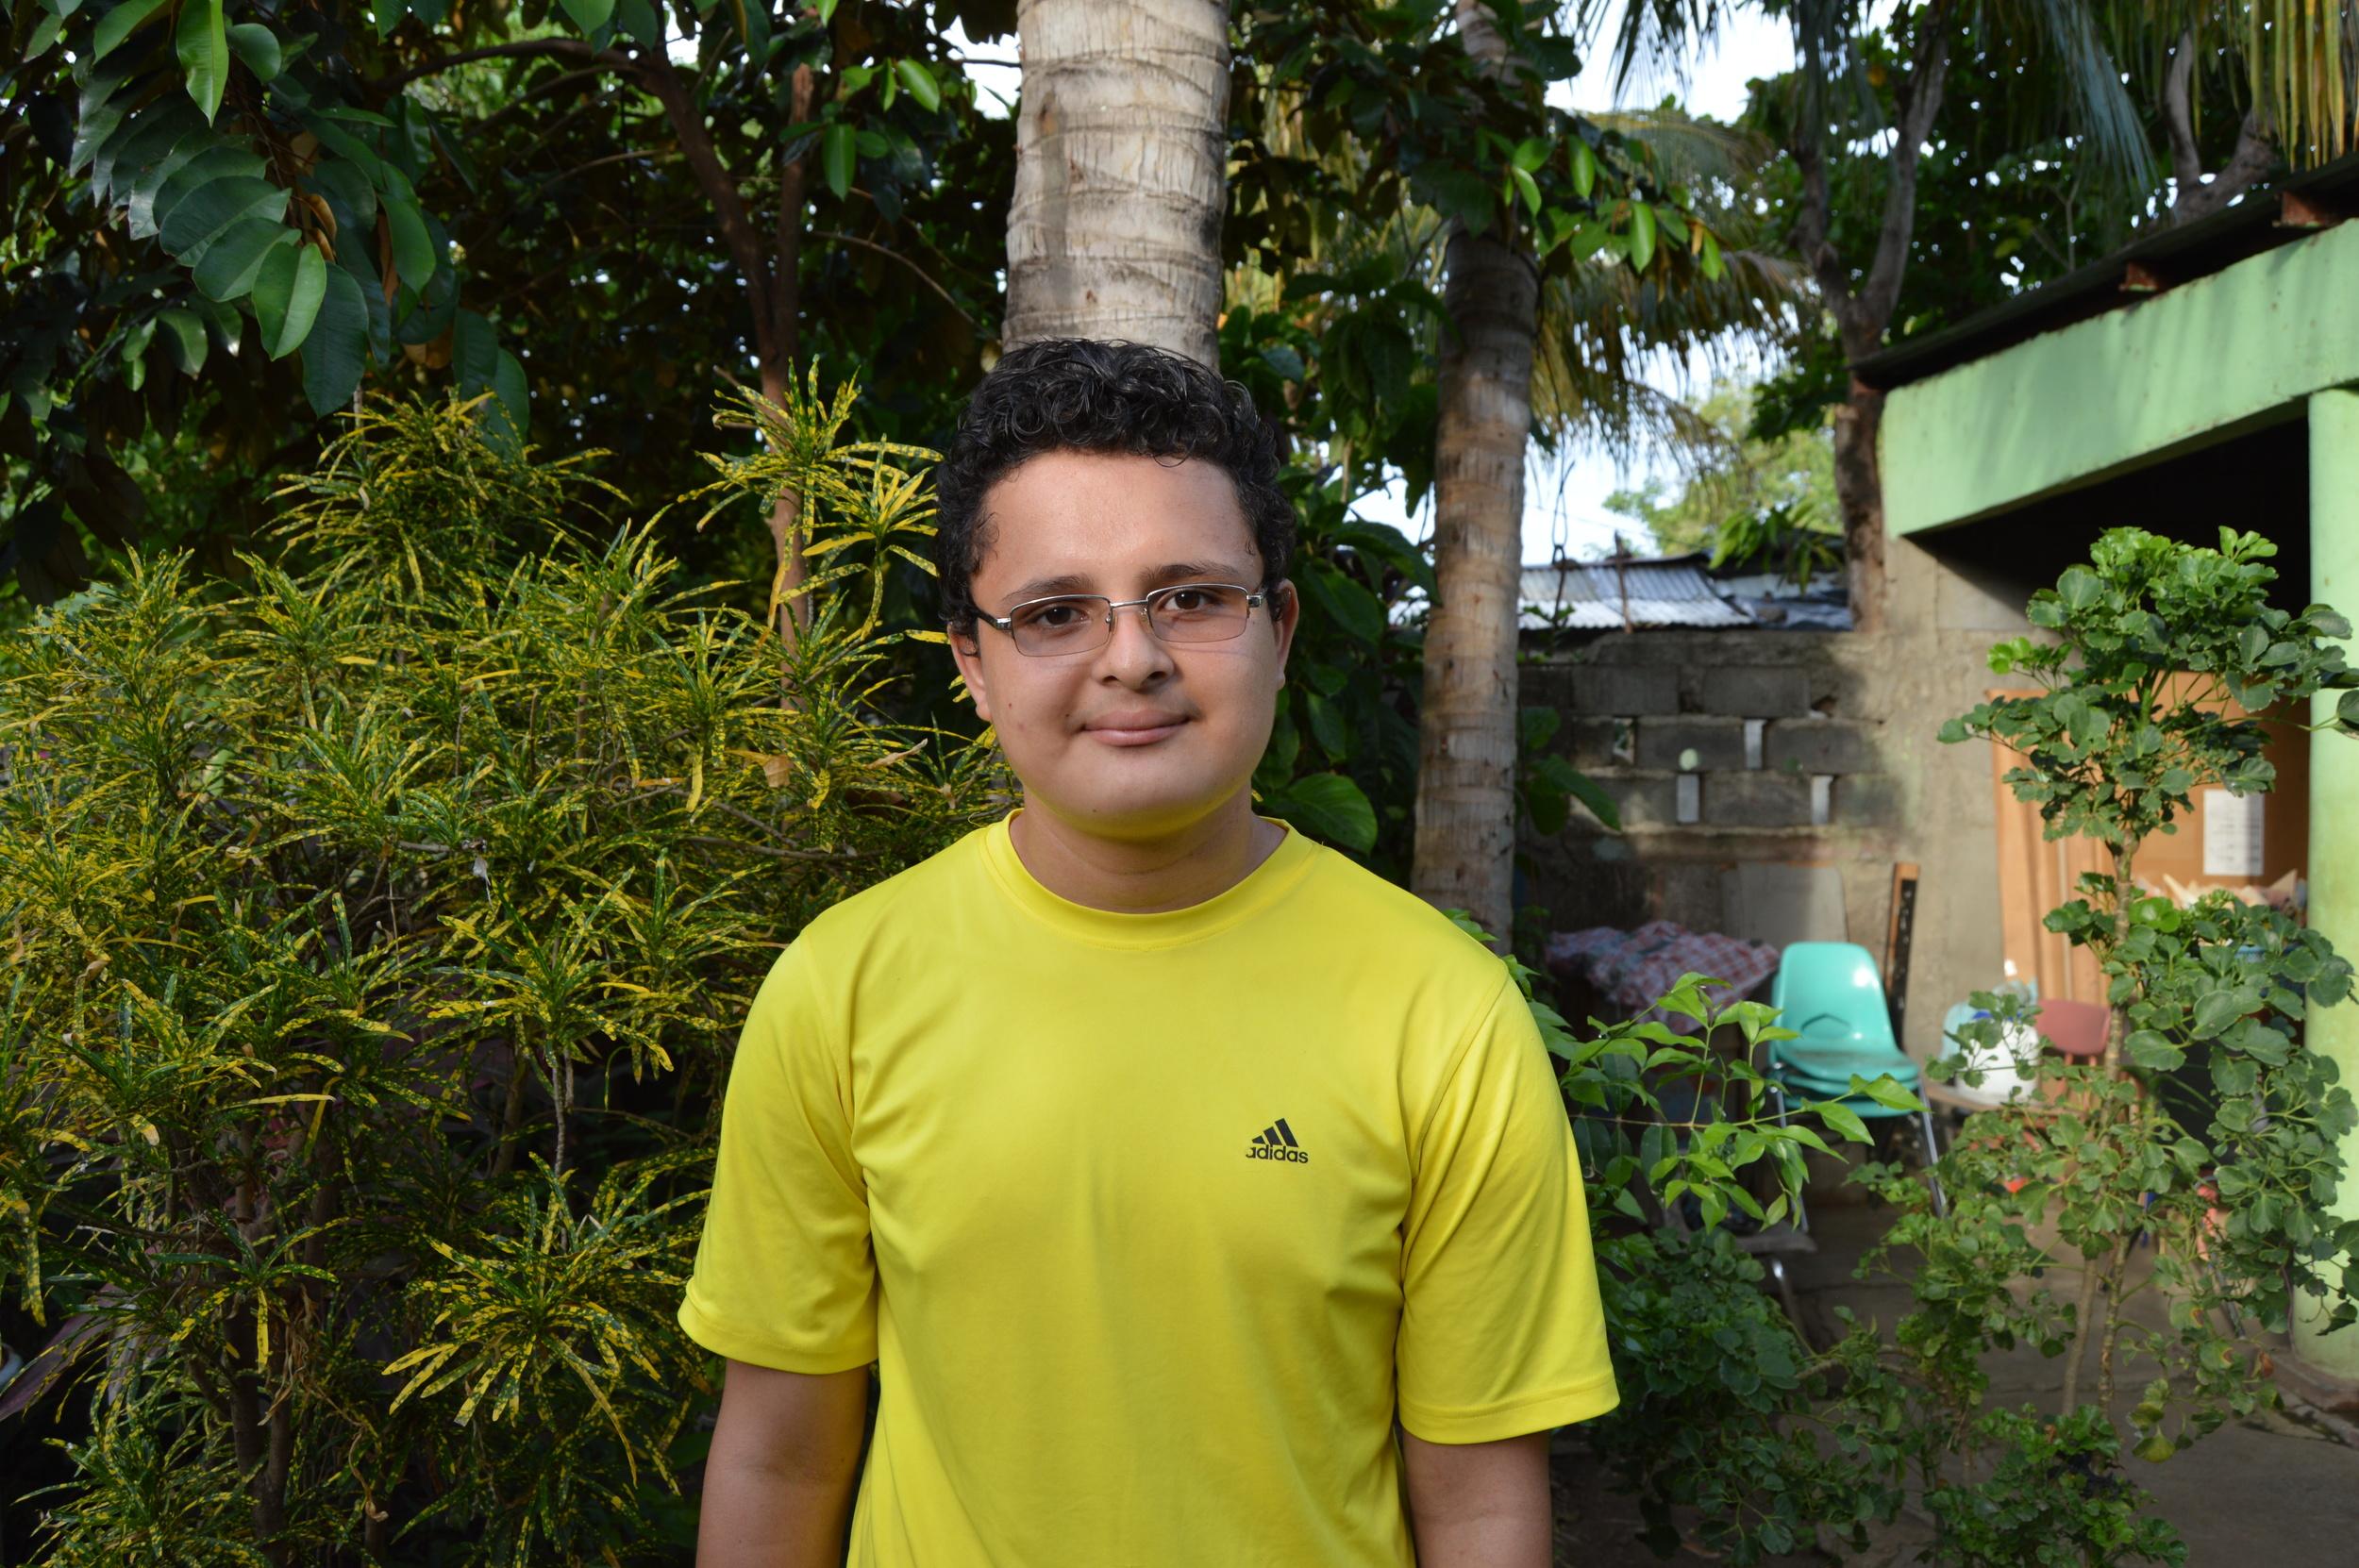 Alex Javier Arauz Diaz